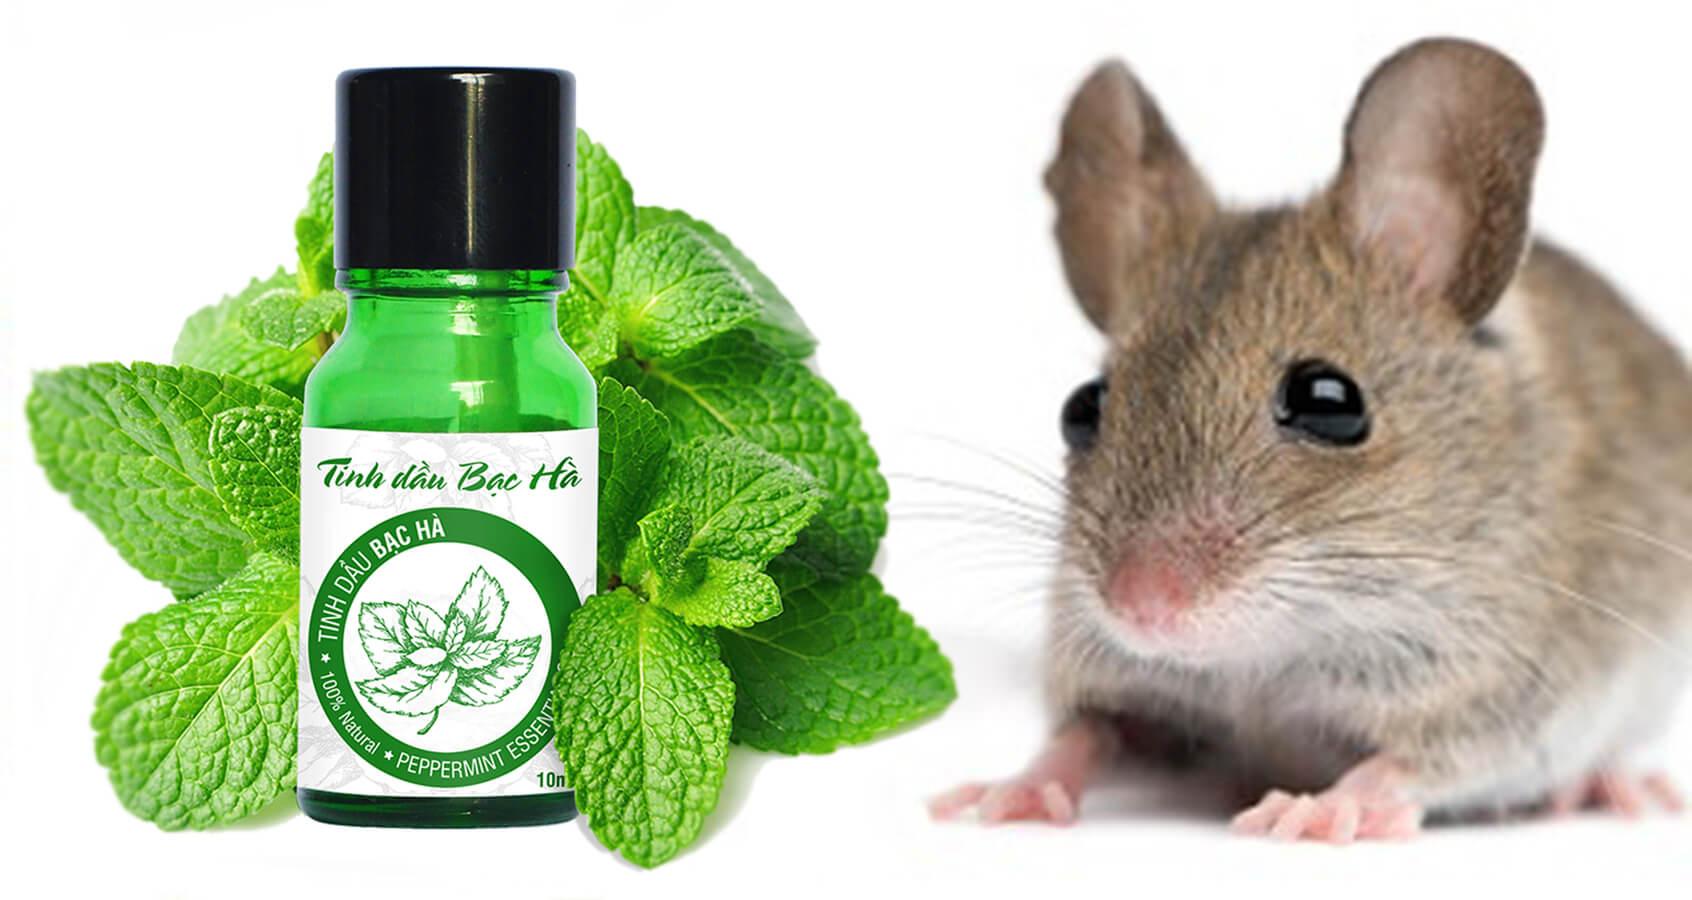 cách đuổi chuột hiệu quả với tinh dầu bạc hà